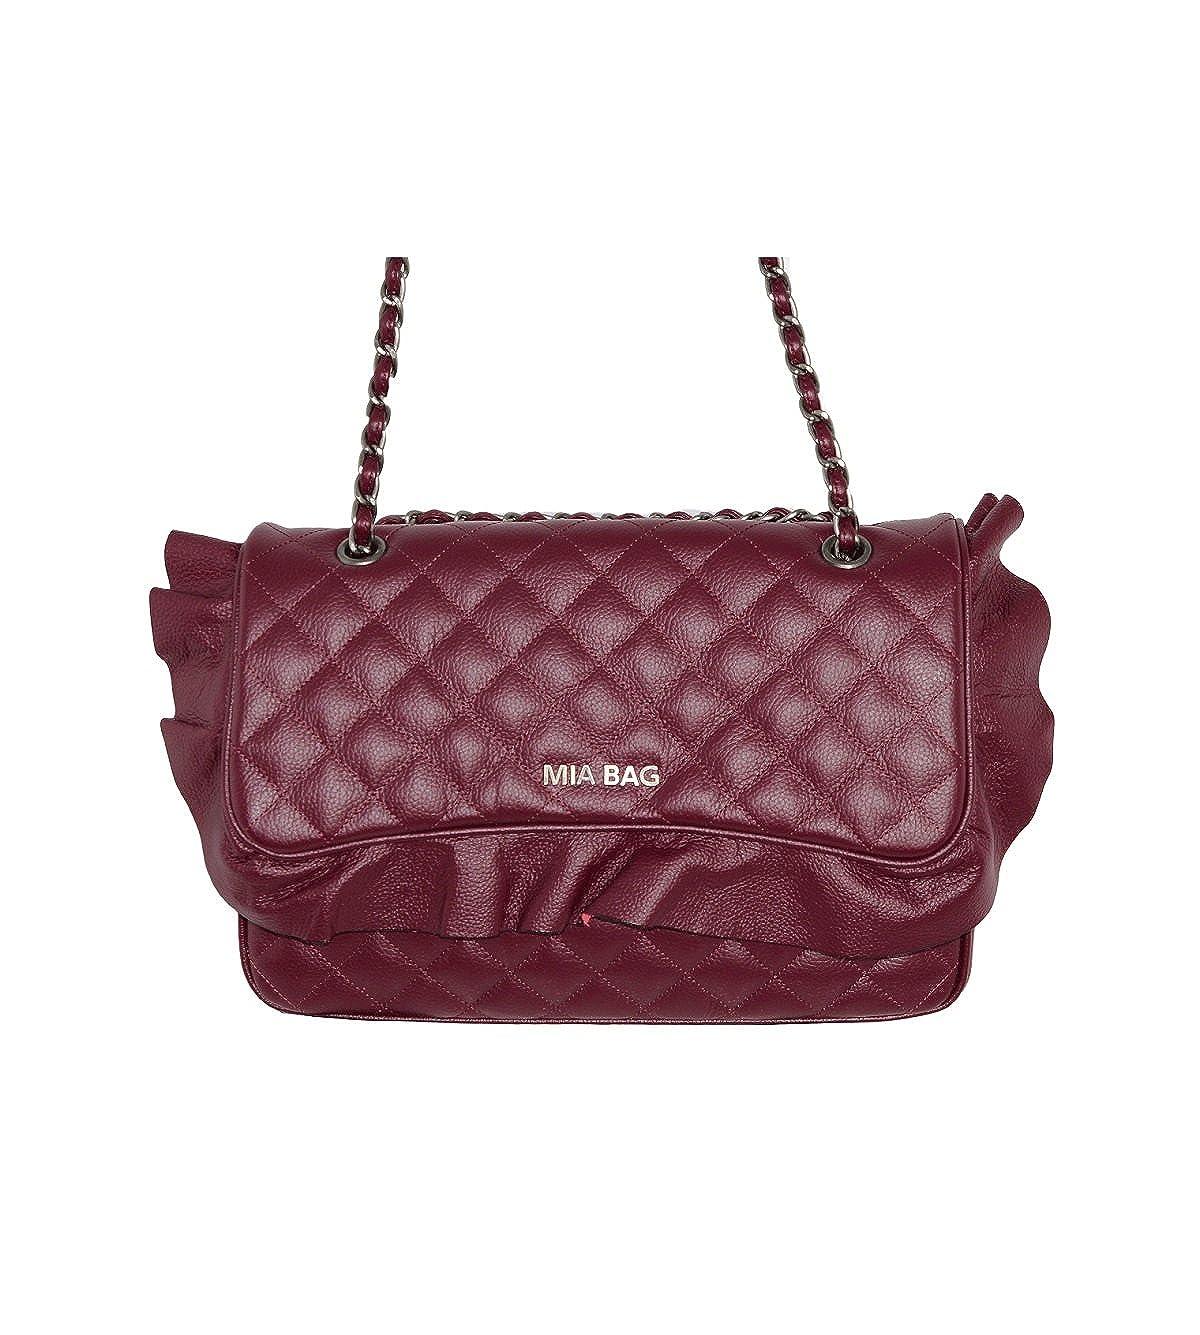 4a9efe24cc Portafoglio Mia Bag leather con patches oro cod.17320: Amazon.it:  Abbigliamento